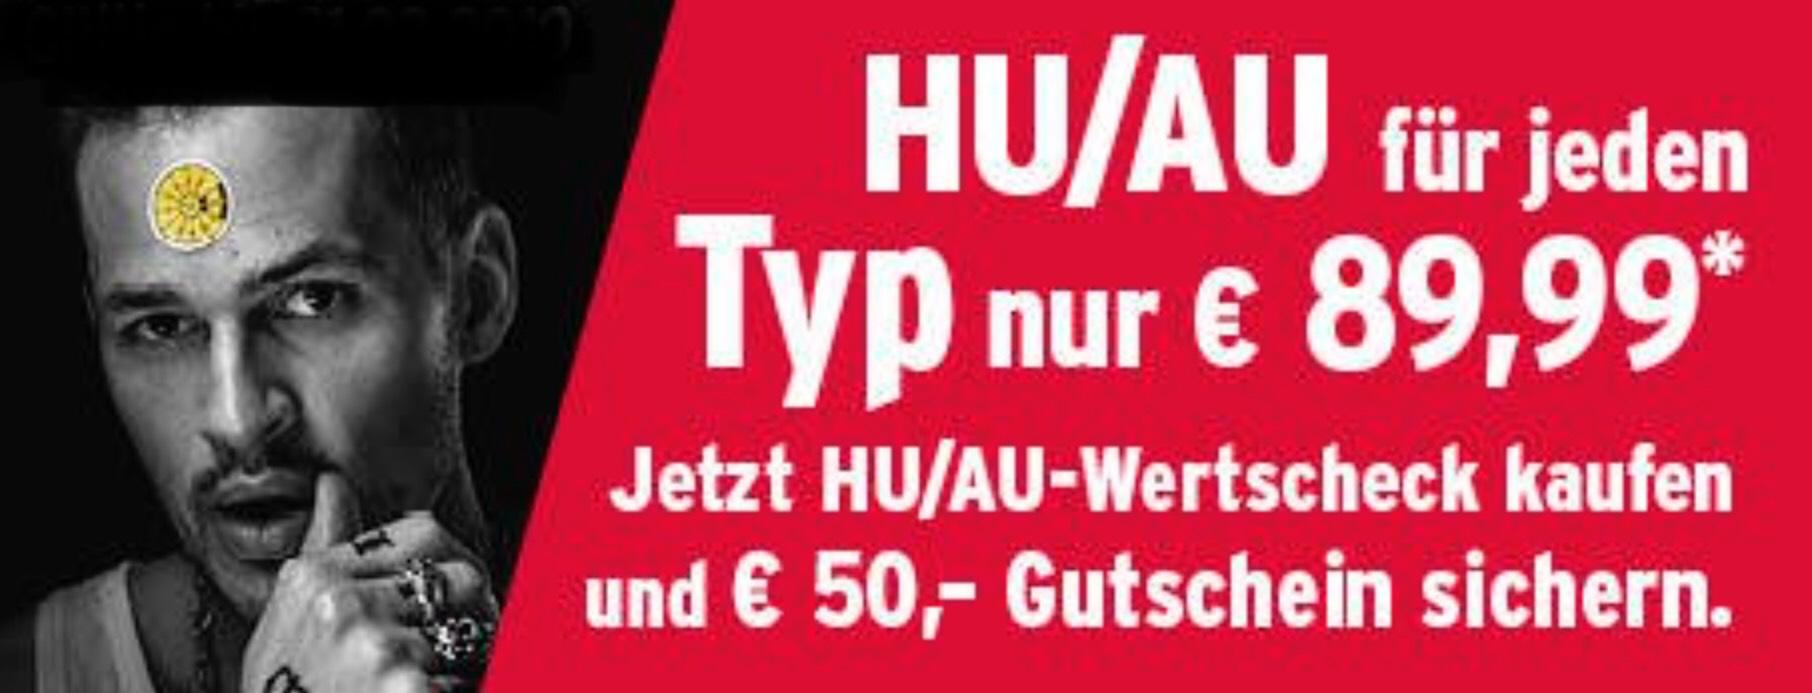 A.T.U. Bundesweit TÜV (HU&AU) für 89,99 € zzgl. 50,- € Gutschein